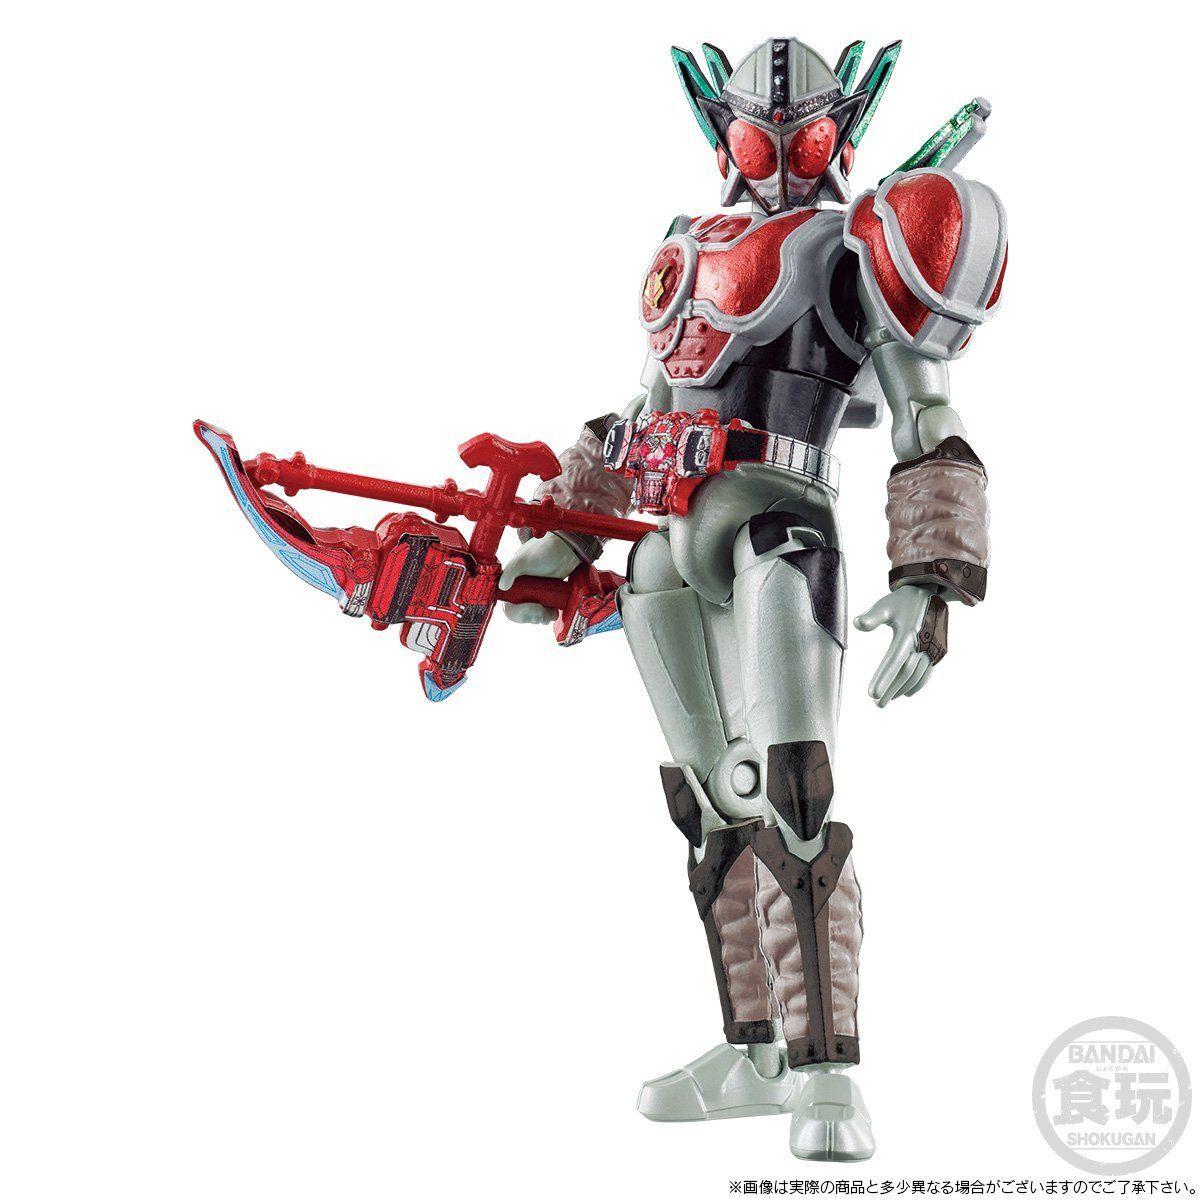 【限定販売】【食玩】SO-DO CHRONICLE『仮面ライダー鎧武 ゲネシスライダーセット』可動フィギュア-006